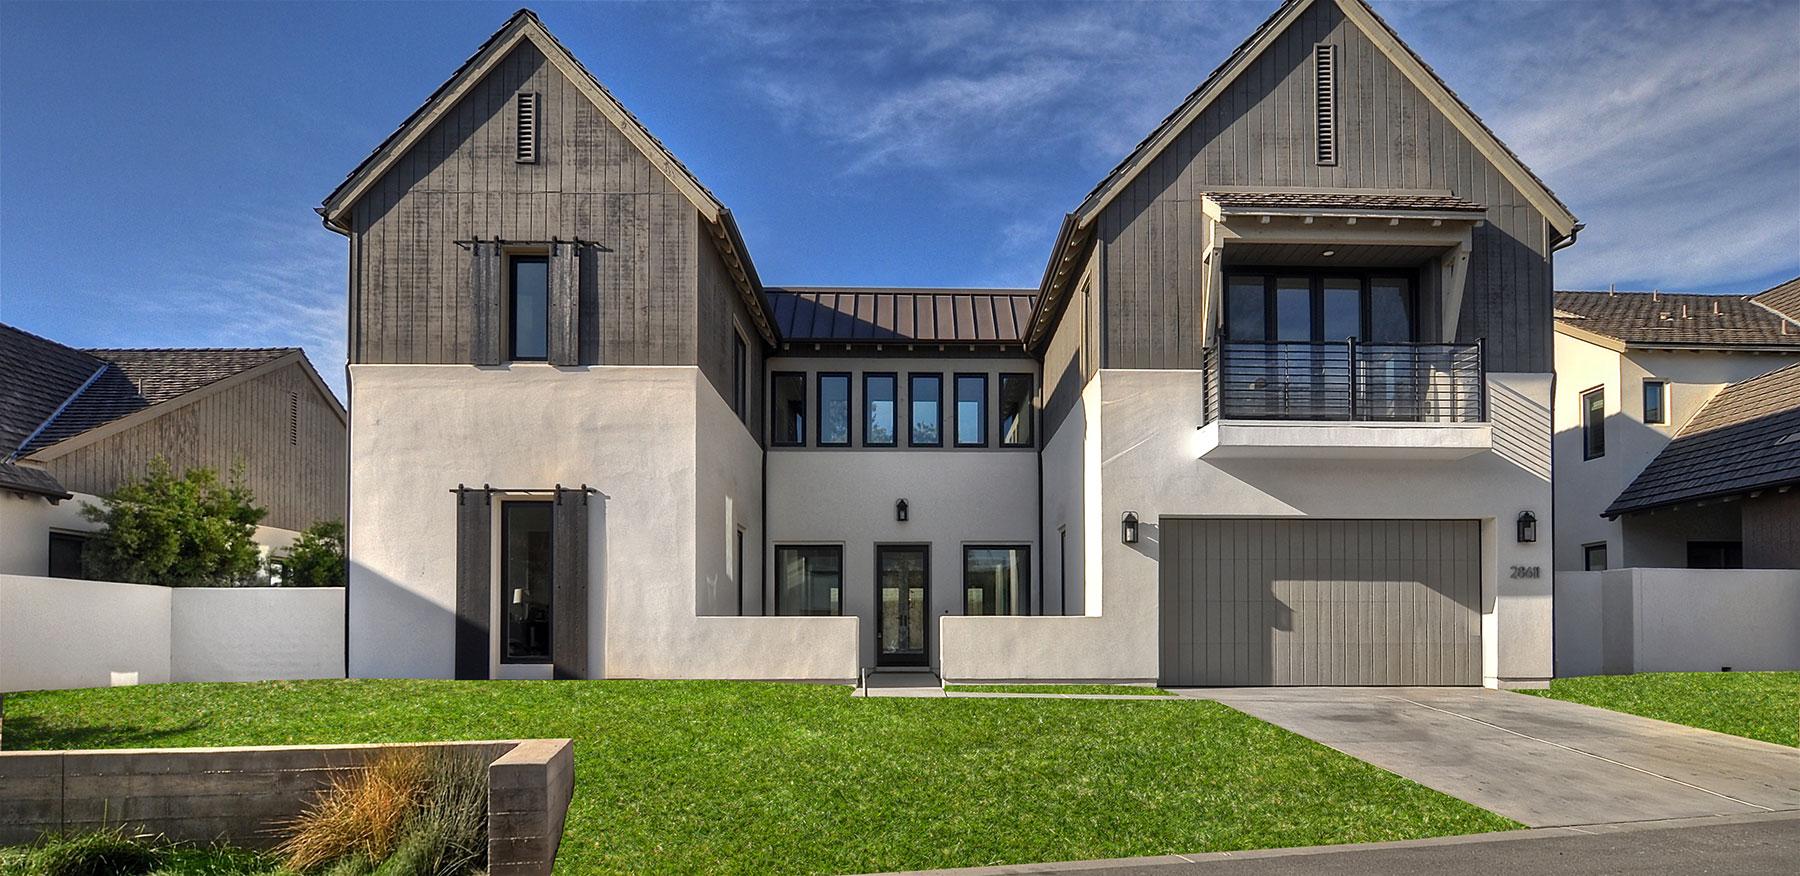 Частный односемейный дом для того Продажа на 28611 Martingale San Juan Capistrano, Калифорния, 92675 Соединенные Штаты